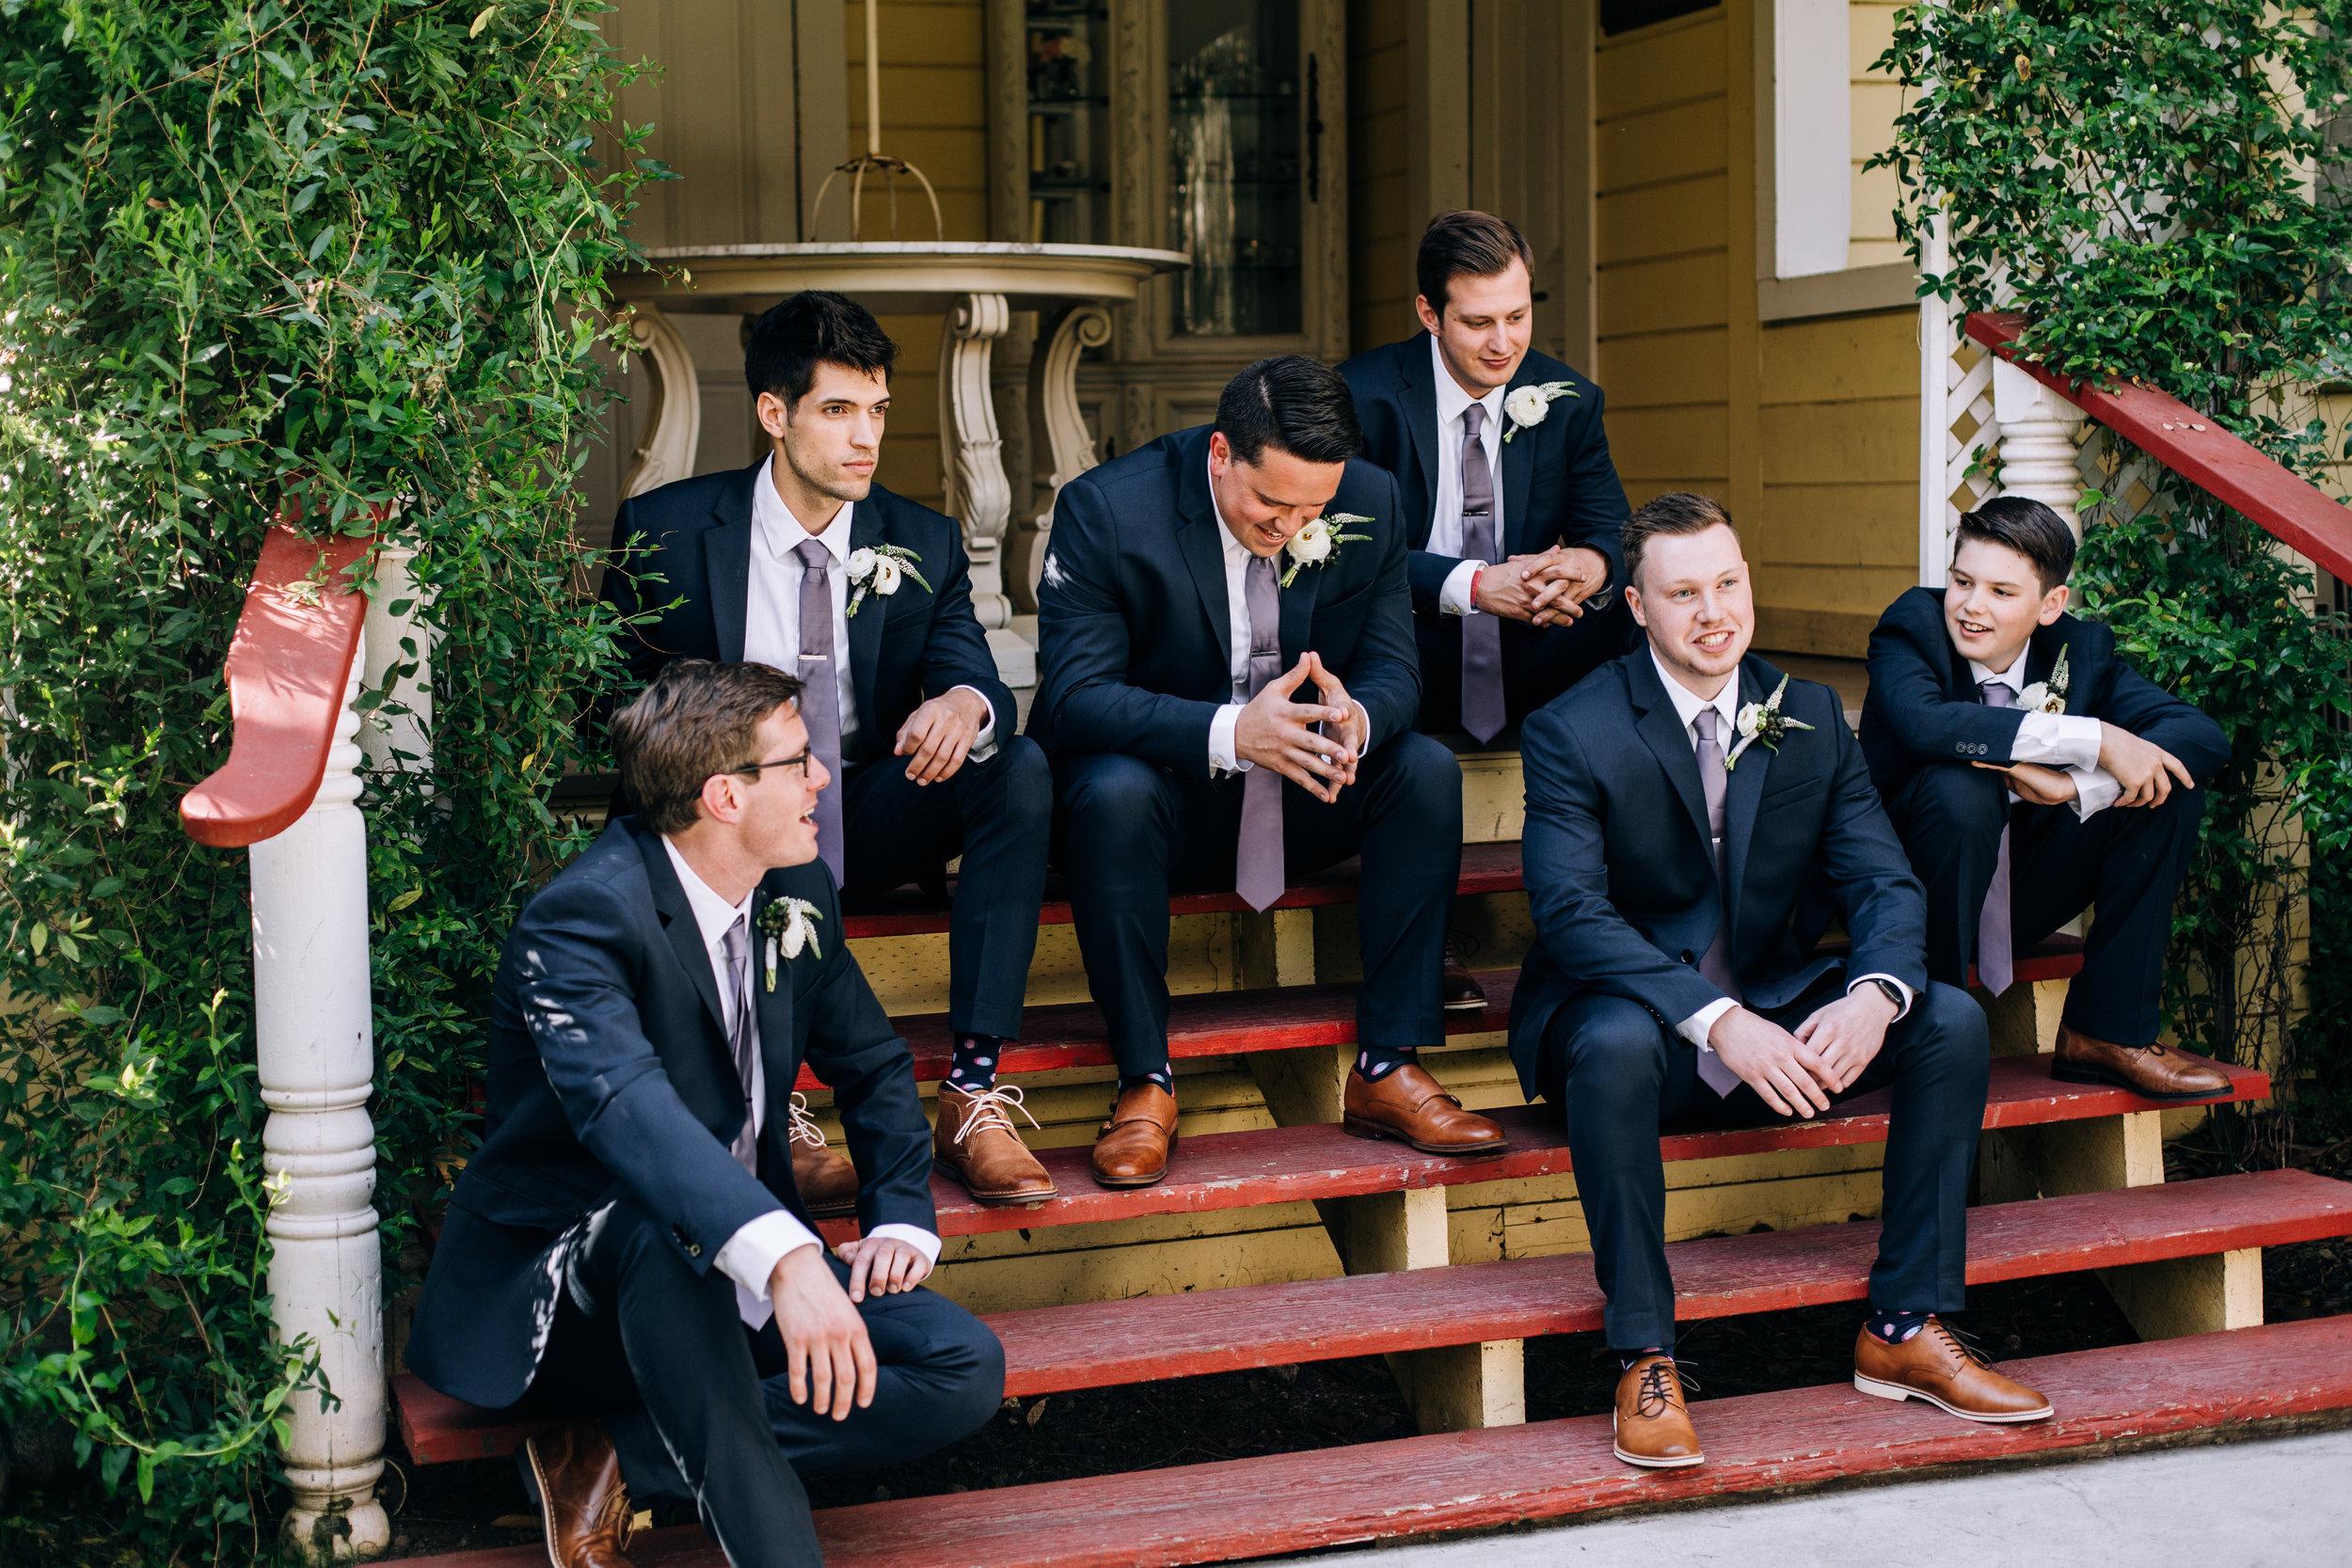 KaraNixonWeddings-SanMarcos-Wedding-26.jpg